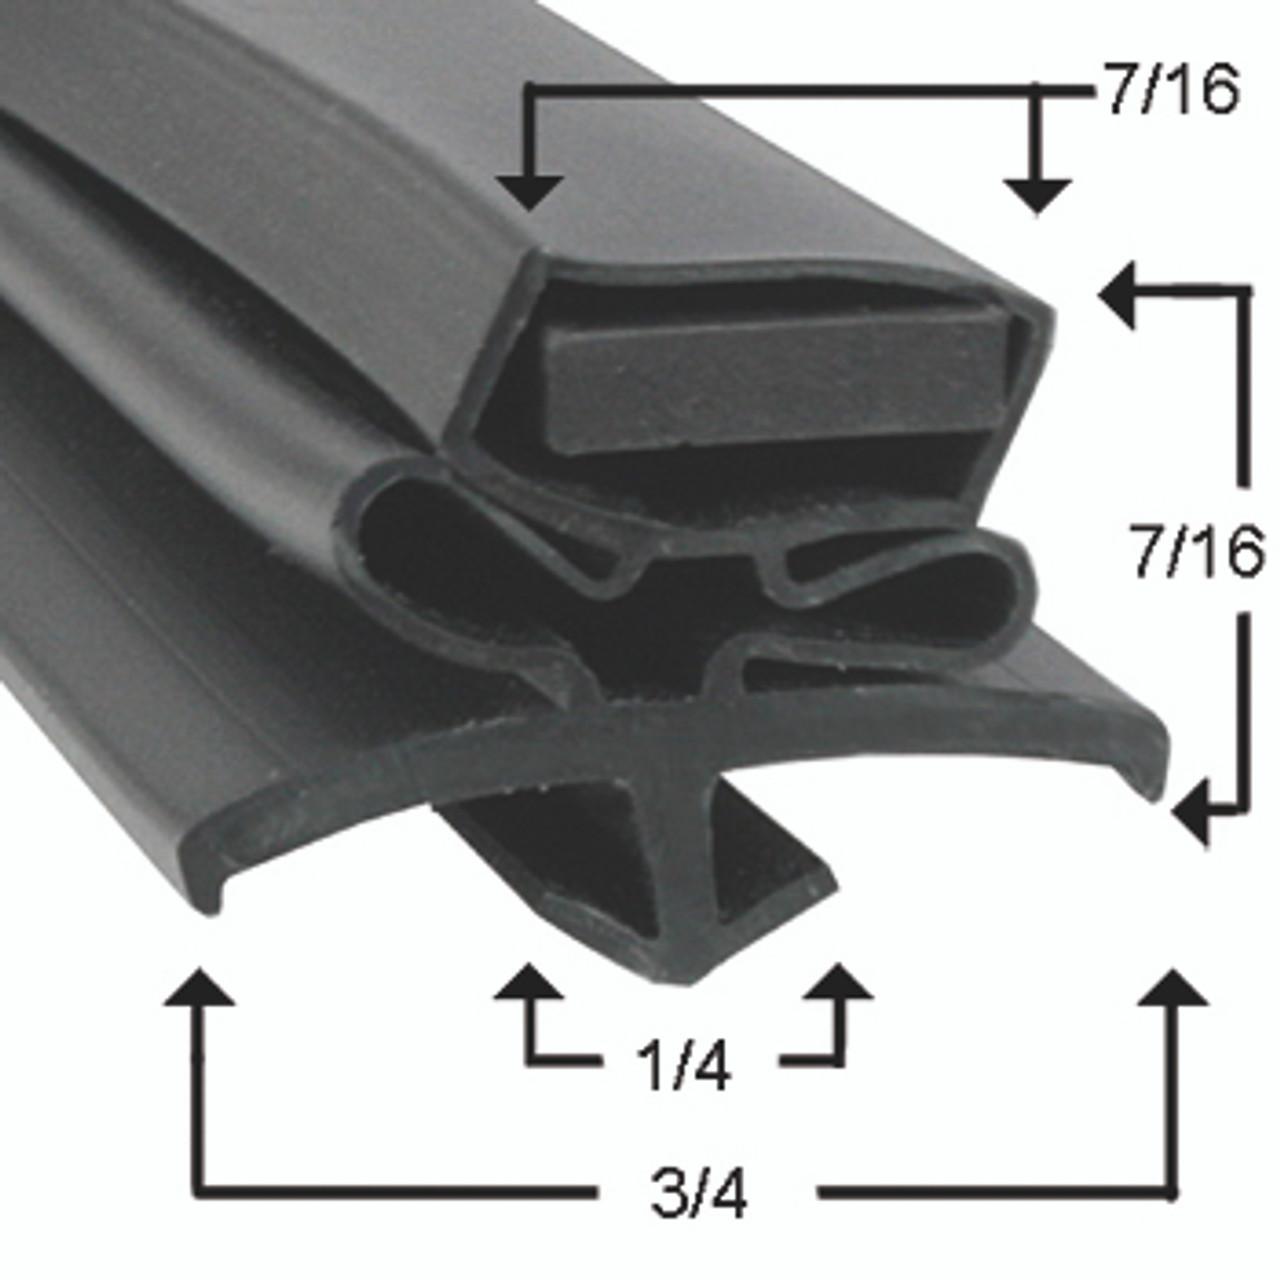 Perlick Cooler and Freezer Door Gasket Profile 016 19 7/8 x 23 7/8 (Style 2209)_2